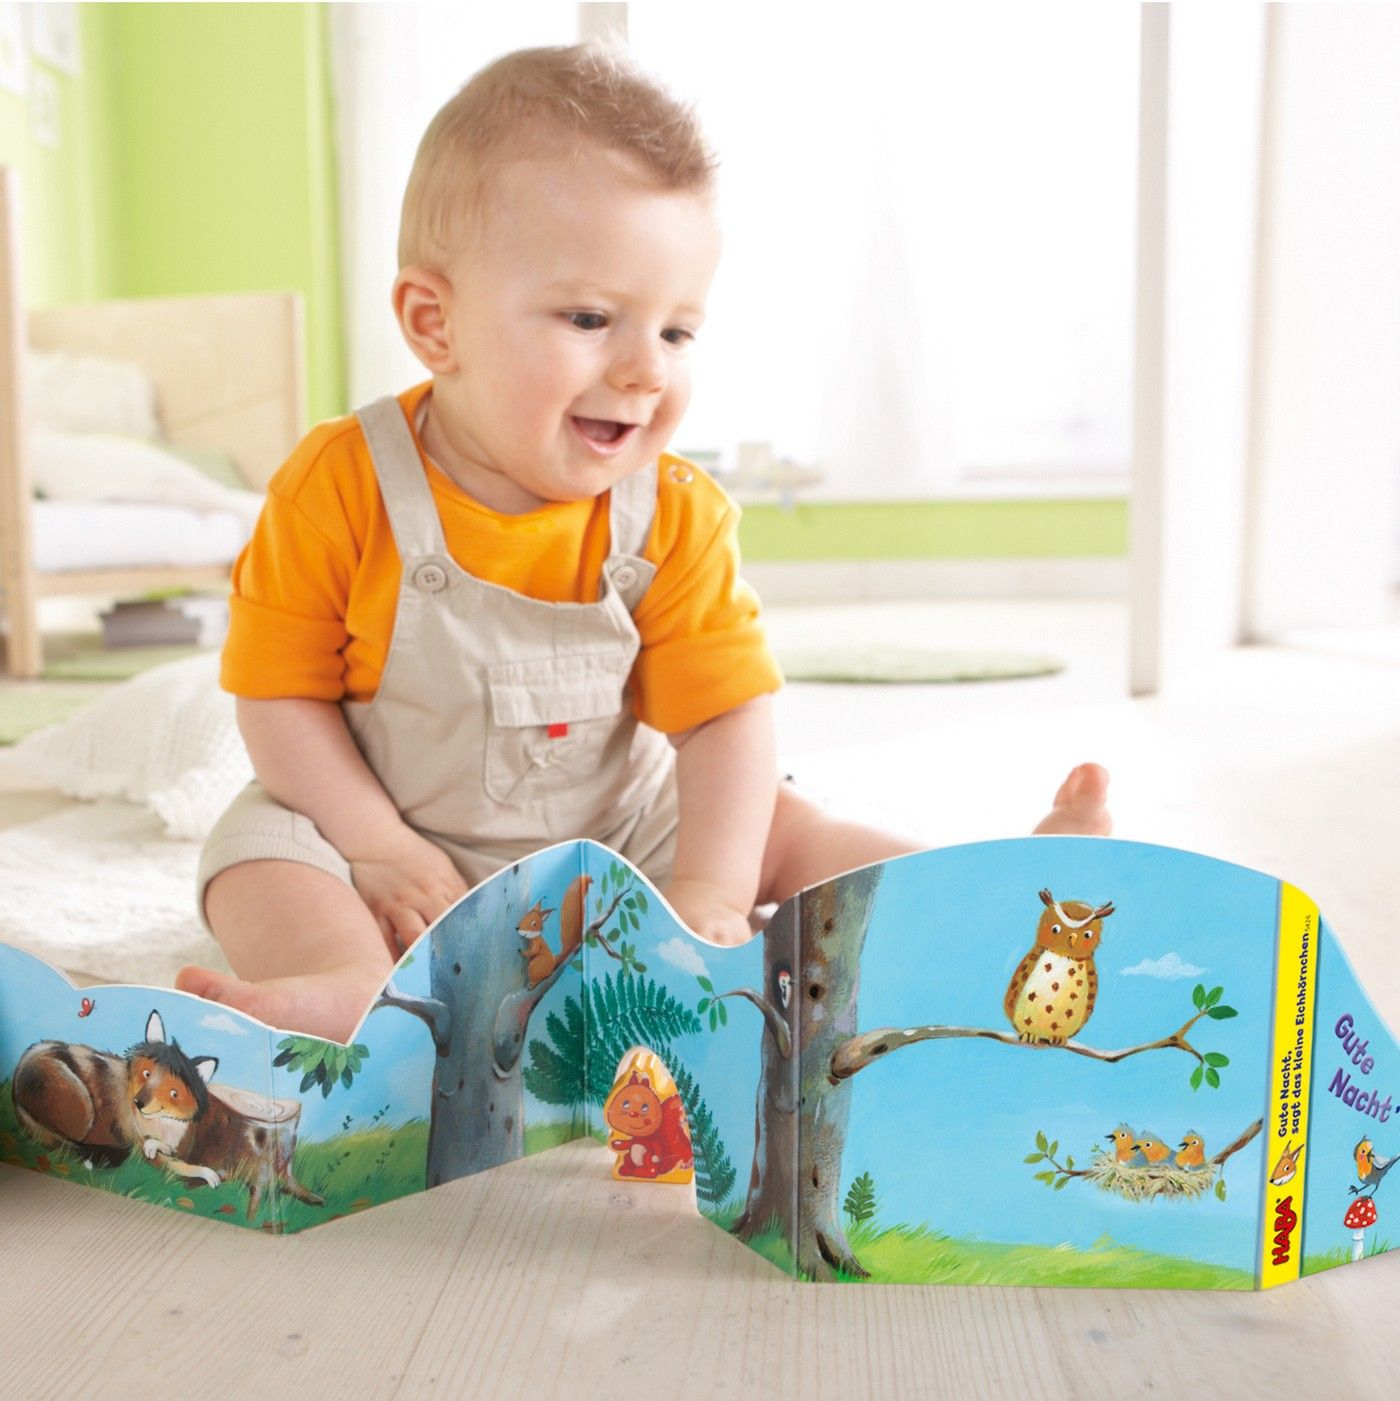 Mein Entdecker-Leporello: Gute Nacht Eichhörnchen. Die liebevoll und abwechslungsreich gestaltete Panoramakulisse und die griffige Holzfigur laden schon die Allerkleinsten zu einem kindgerechten Rollenspiel ein. - empfohlen ab 10 Monaten